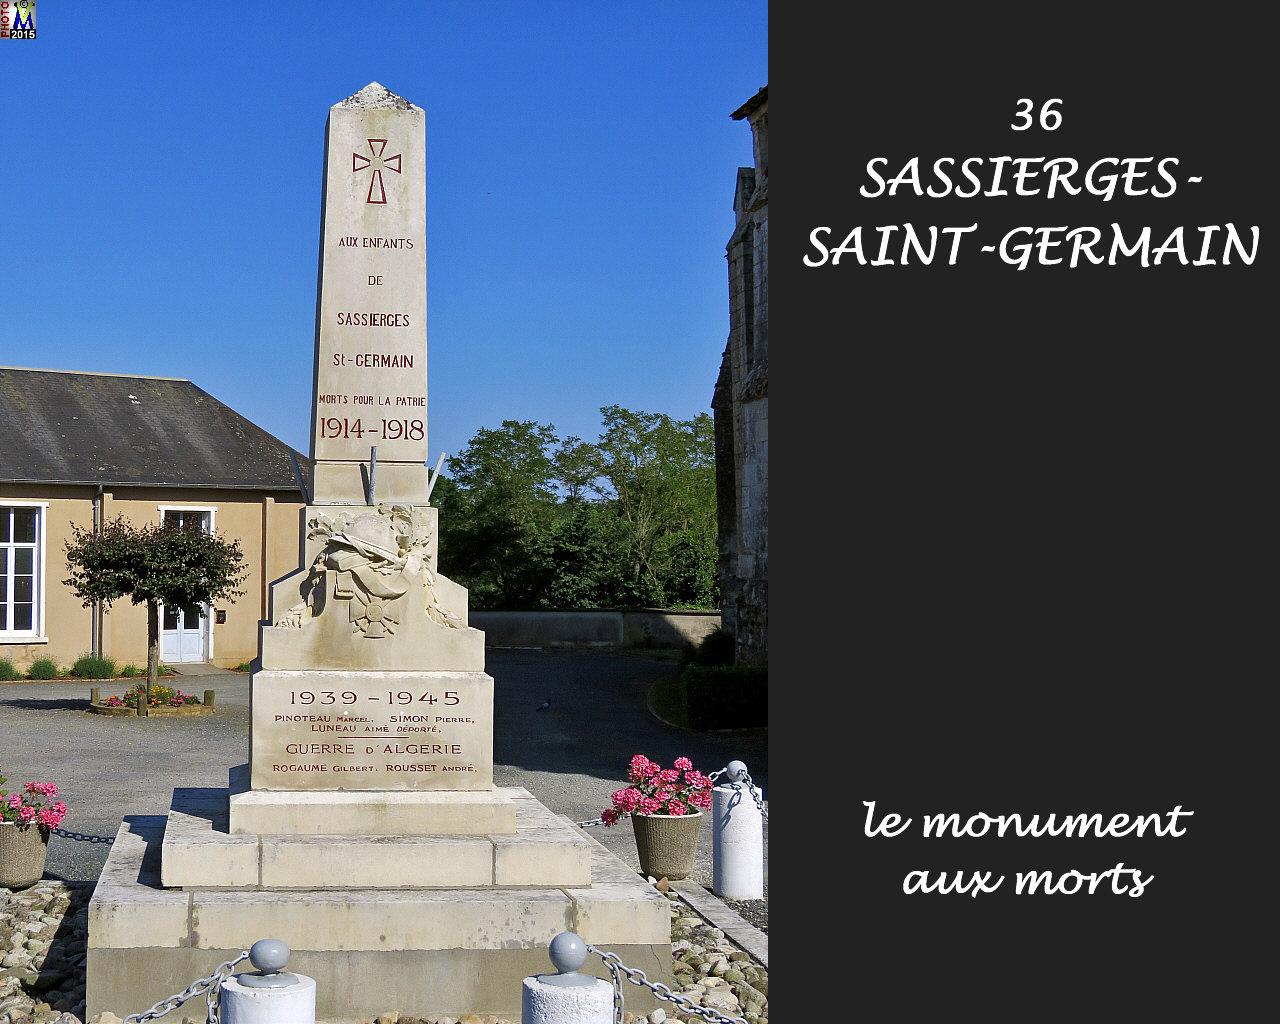 Indre photos de la commune de sassierges saint germain for La quincaillerie saint germain